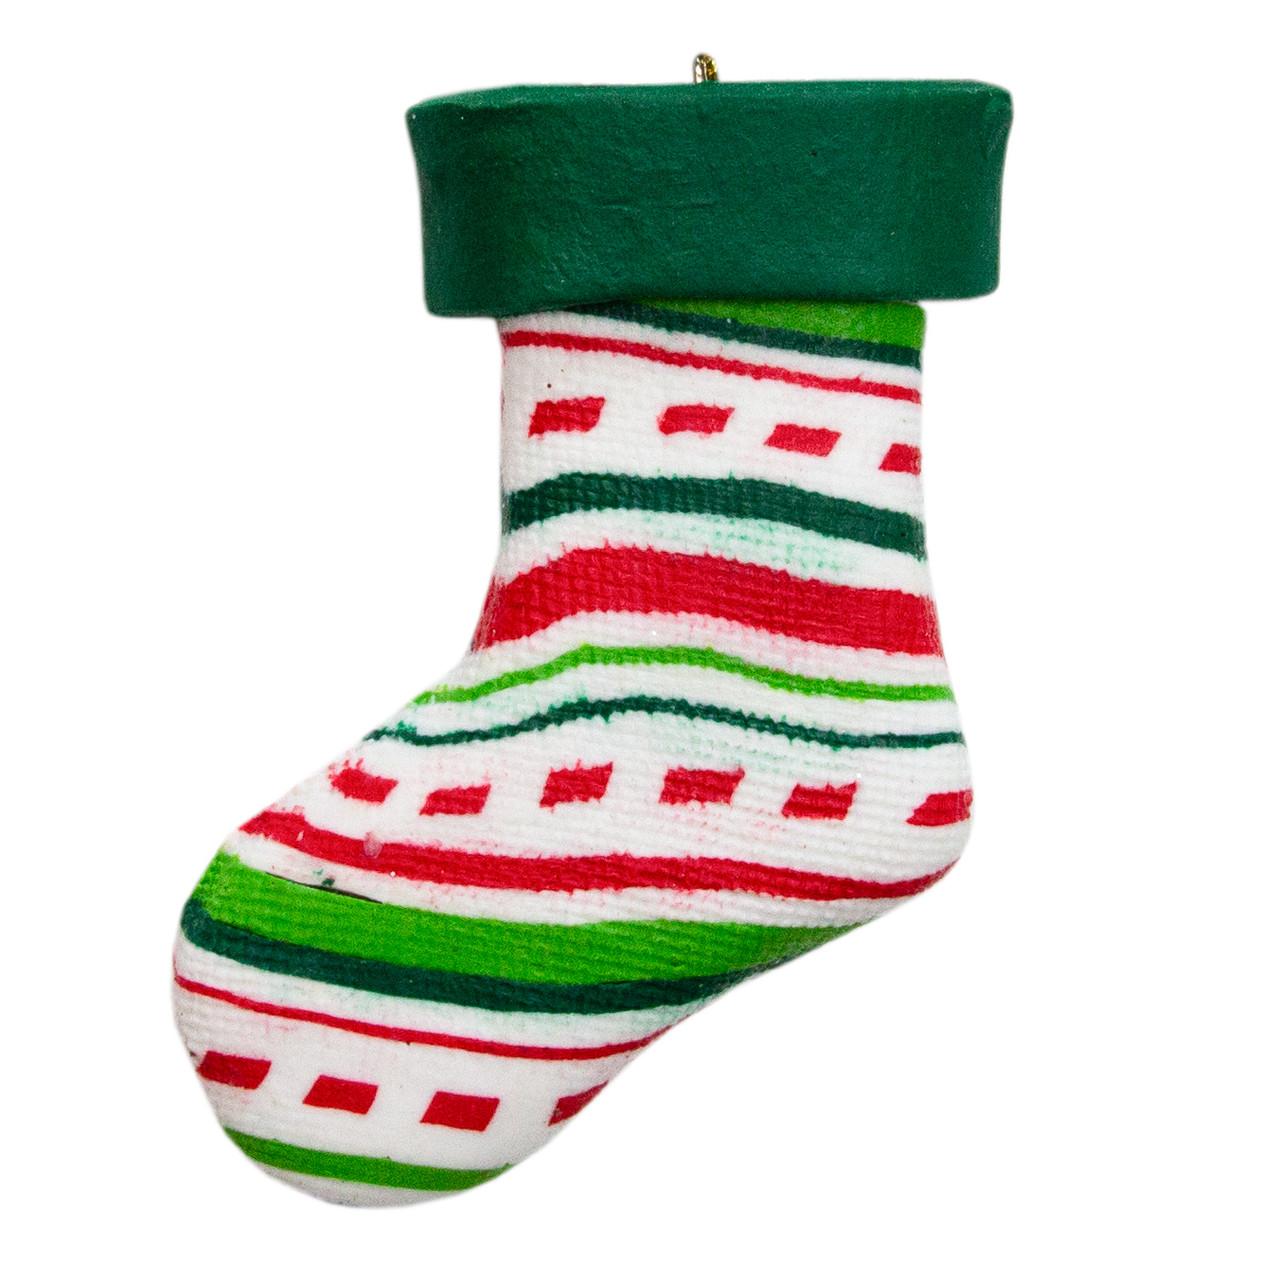 Новогодняя елочная игрушка - фигурка Новогодний носок, h-8 см, разноцветный, полирезин (000661-2)